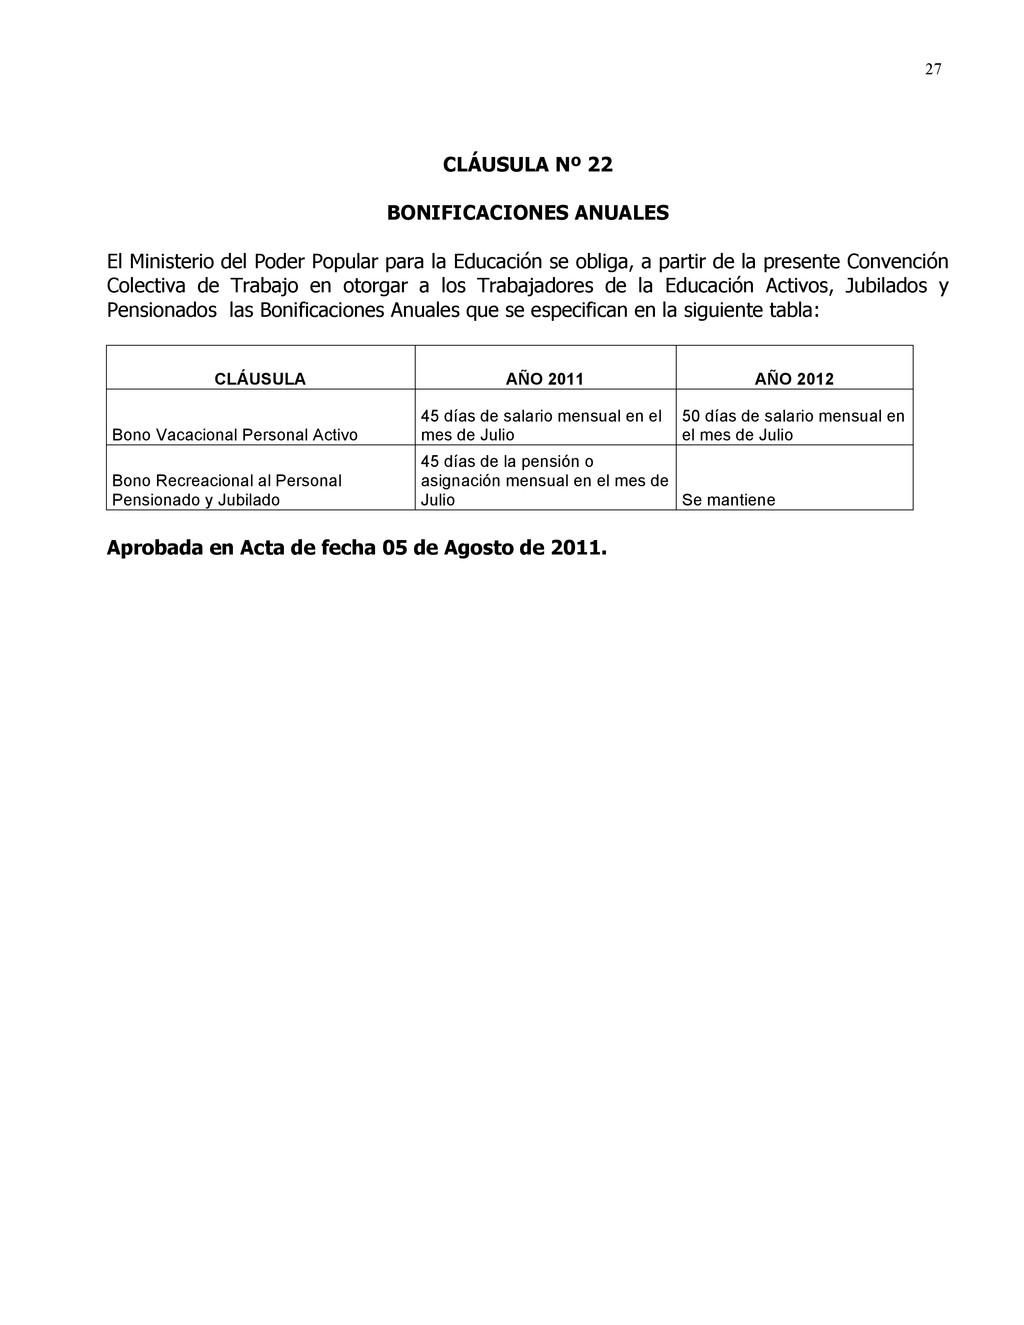 27 CLÁUSULA Nº 22 BONIFICACIONES ANUALES El Min...